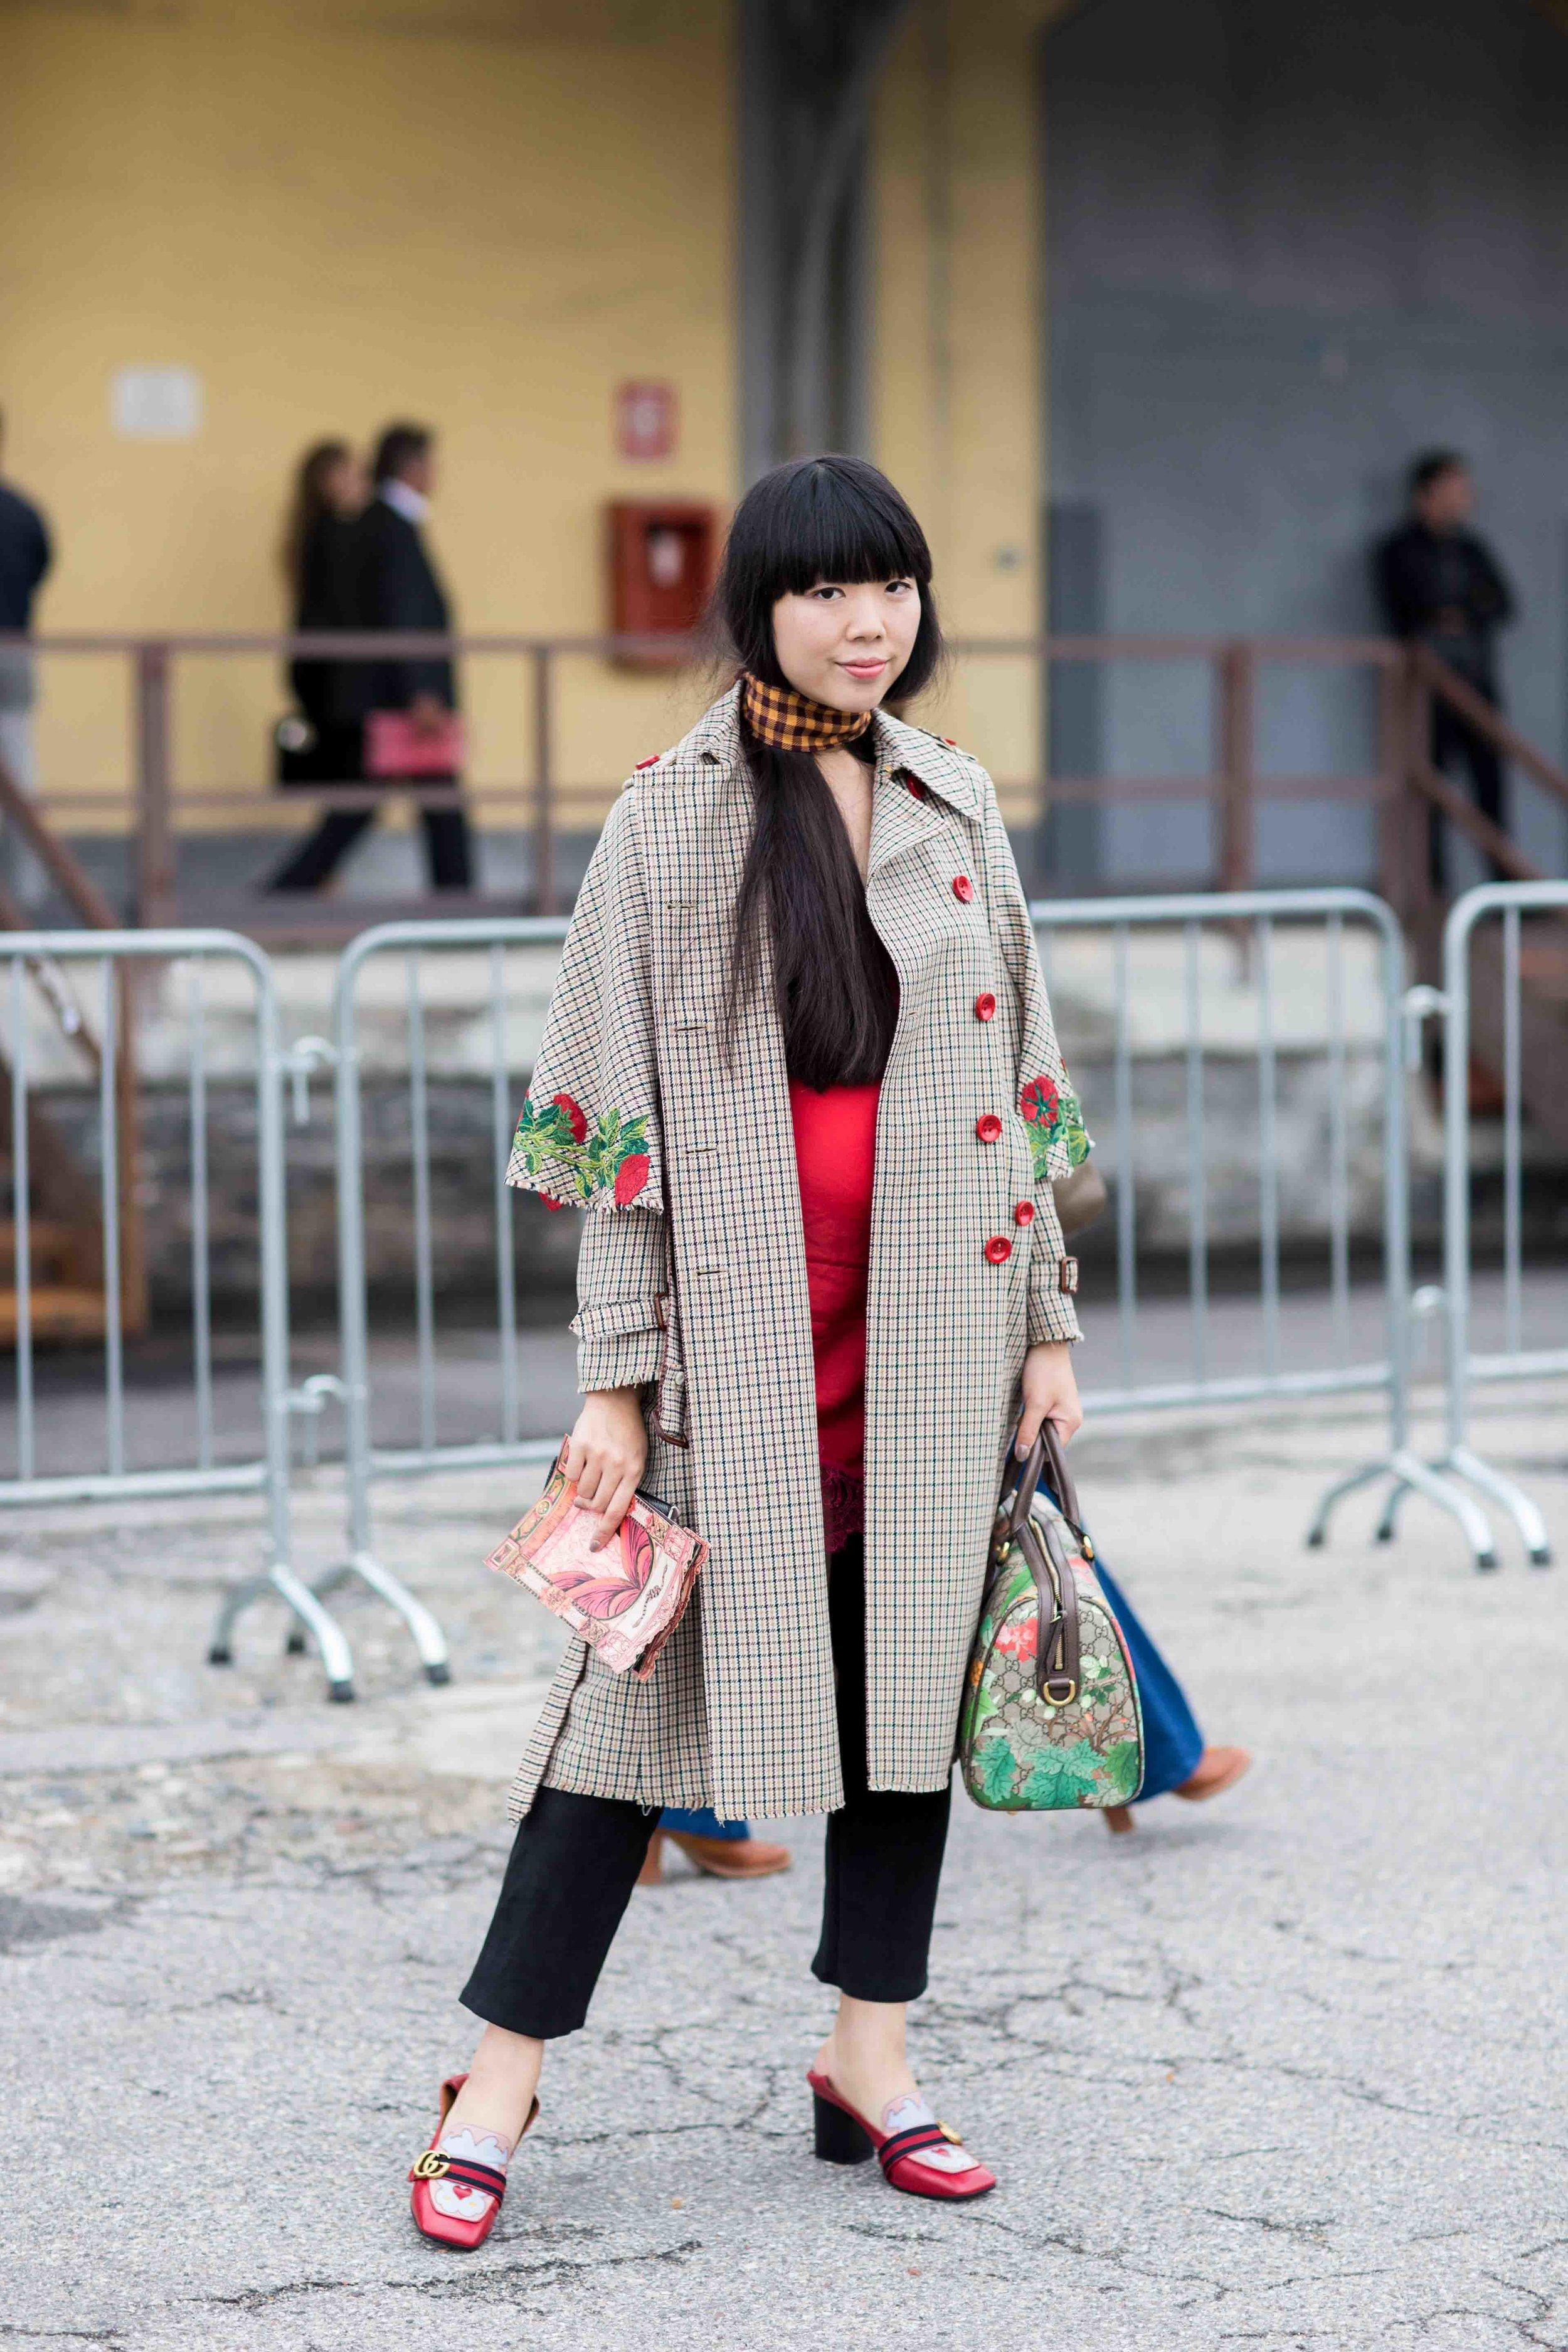 https://www.citycatwalk.at/blog/street-style-milan-fashion-week-susanna-lau